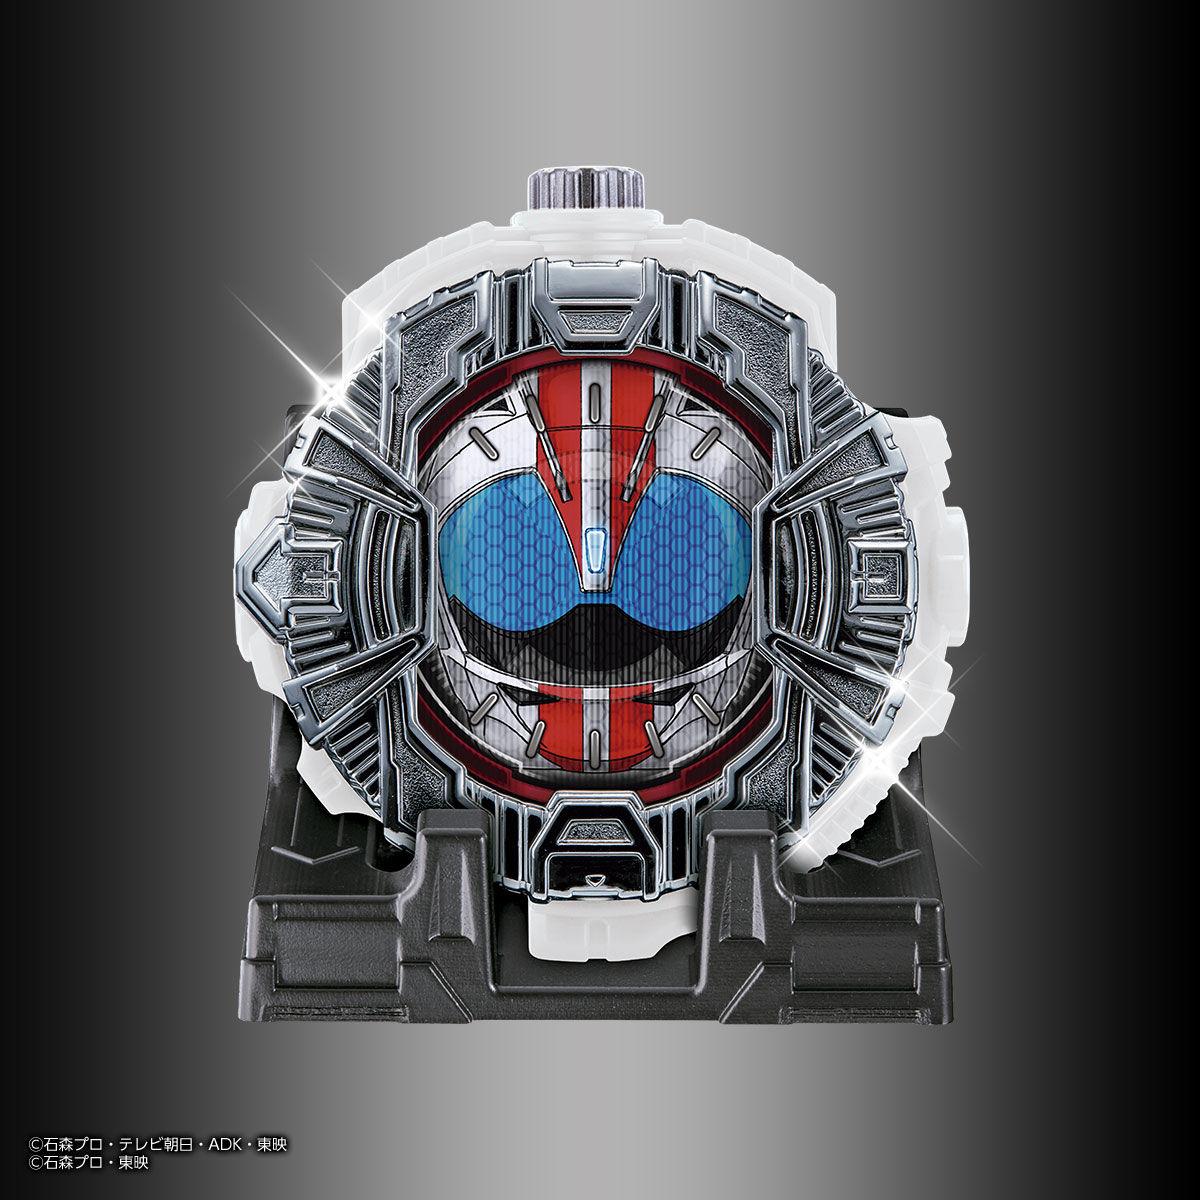 仮面ライダージオウ サウンドライドウォッチシリーズ『GPライドウォッチPB02』ガシャポン-008